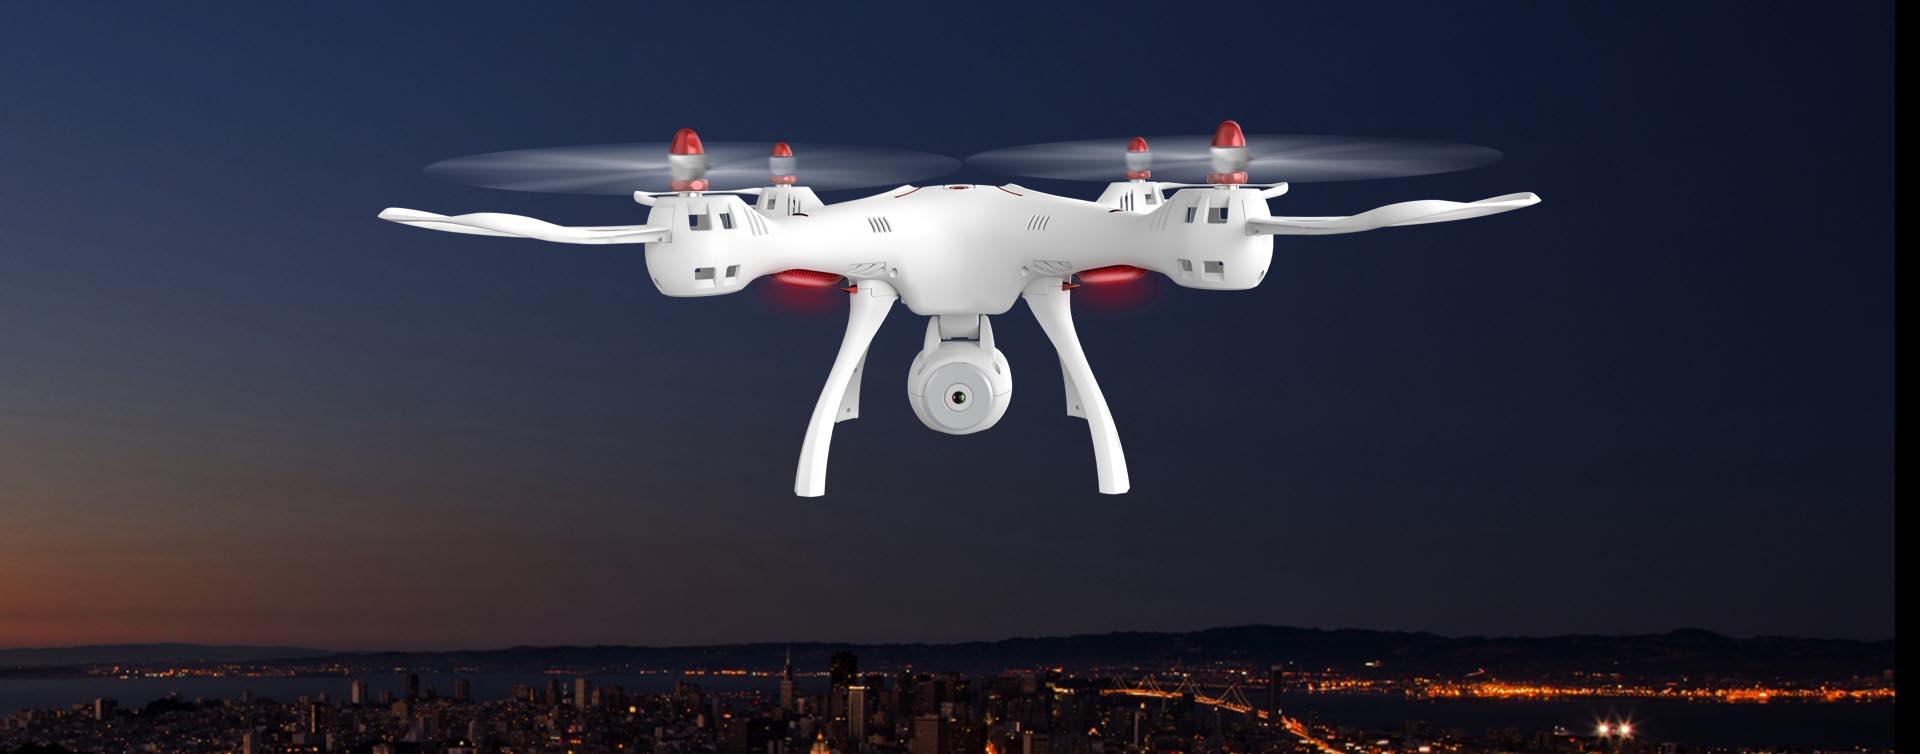 Для чего нужен квадрокоптер. Функции и технические характеристики дрона